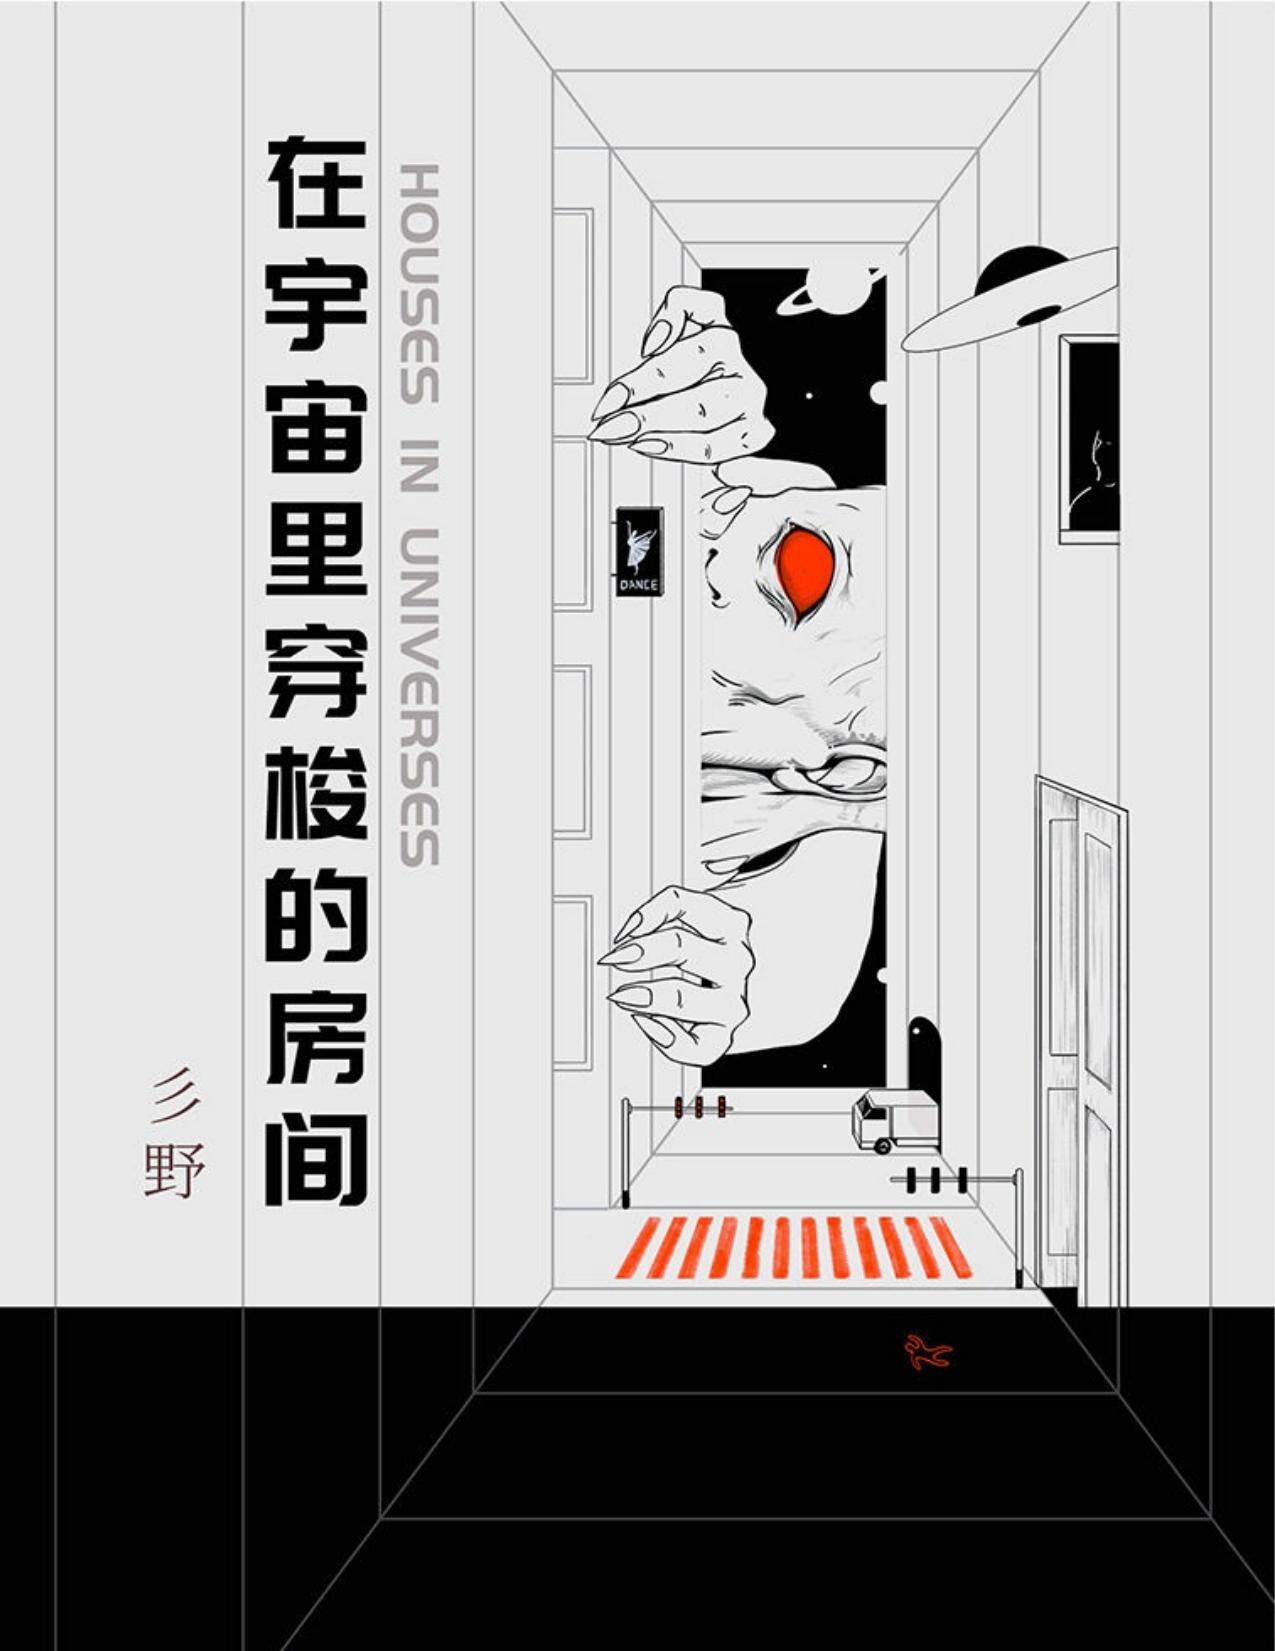 在宇宙里穿梭的房间(冲破无限宇宙的时空边界,一切不可能之事都可能发生!大胆的写作,独特的形态,烧脑的情节,实验性的构造,突破推理、科幻、爱情小说的疆域,暗黑、恐惧却不失温情的科幻悬疑之作!)——彡野——pdf+mobi+epub+txt+azw3电子书下载